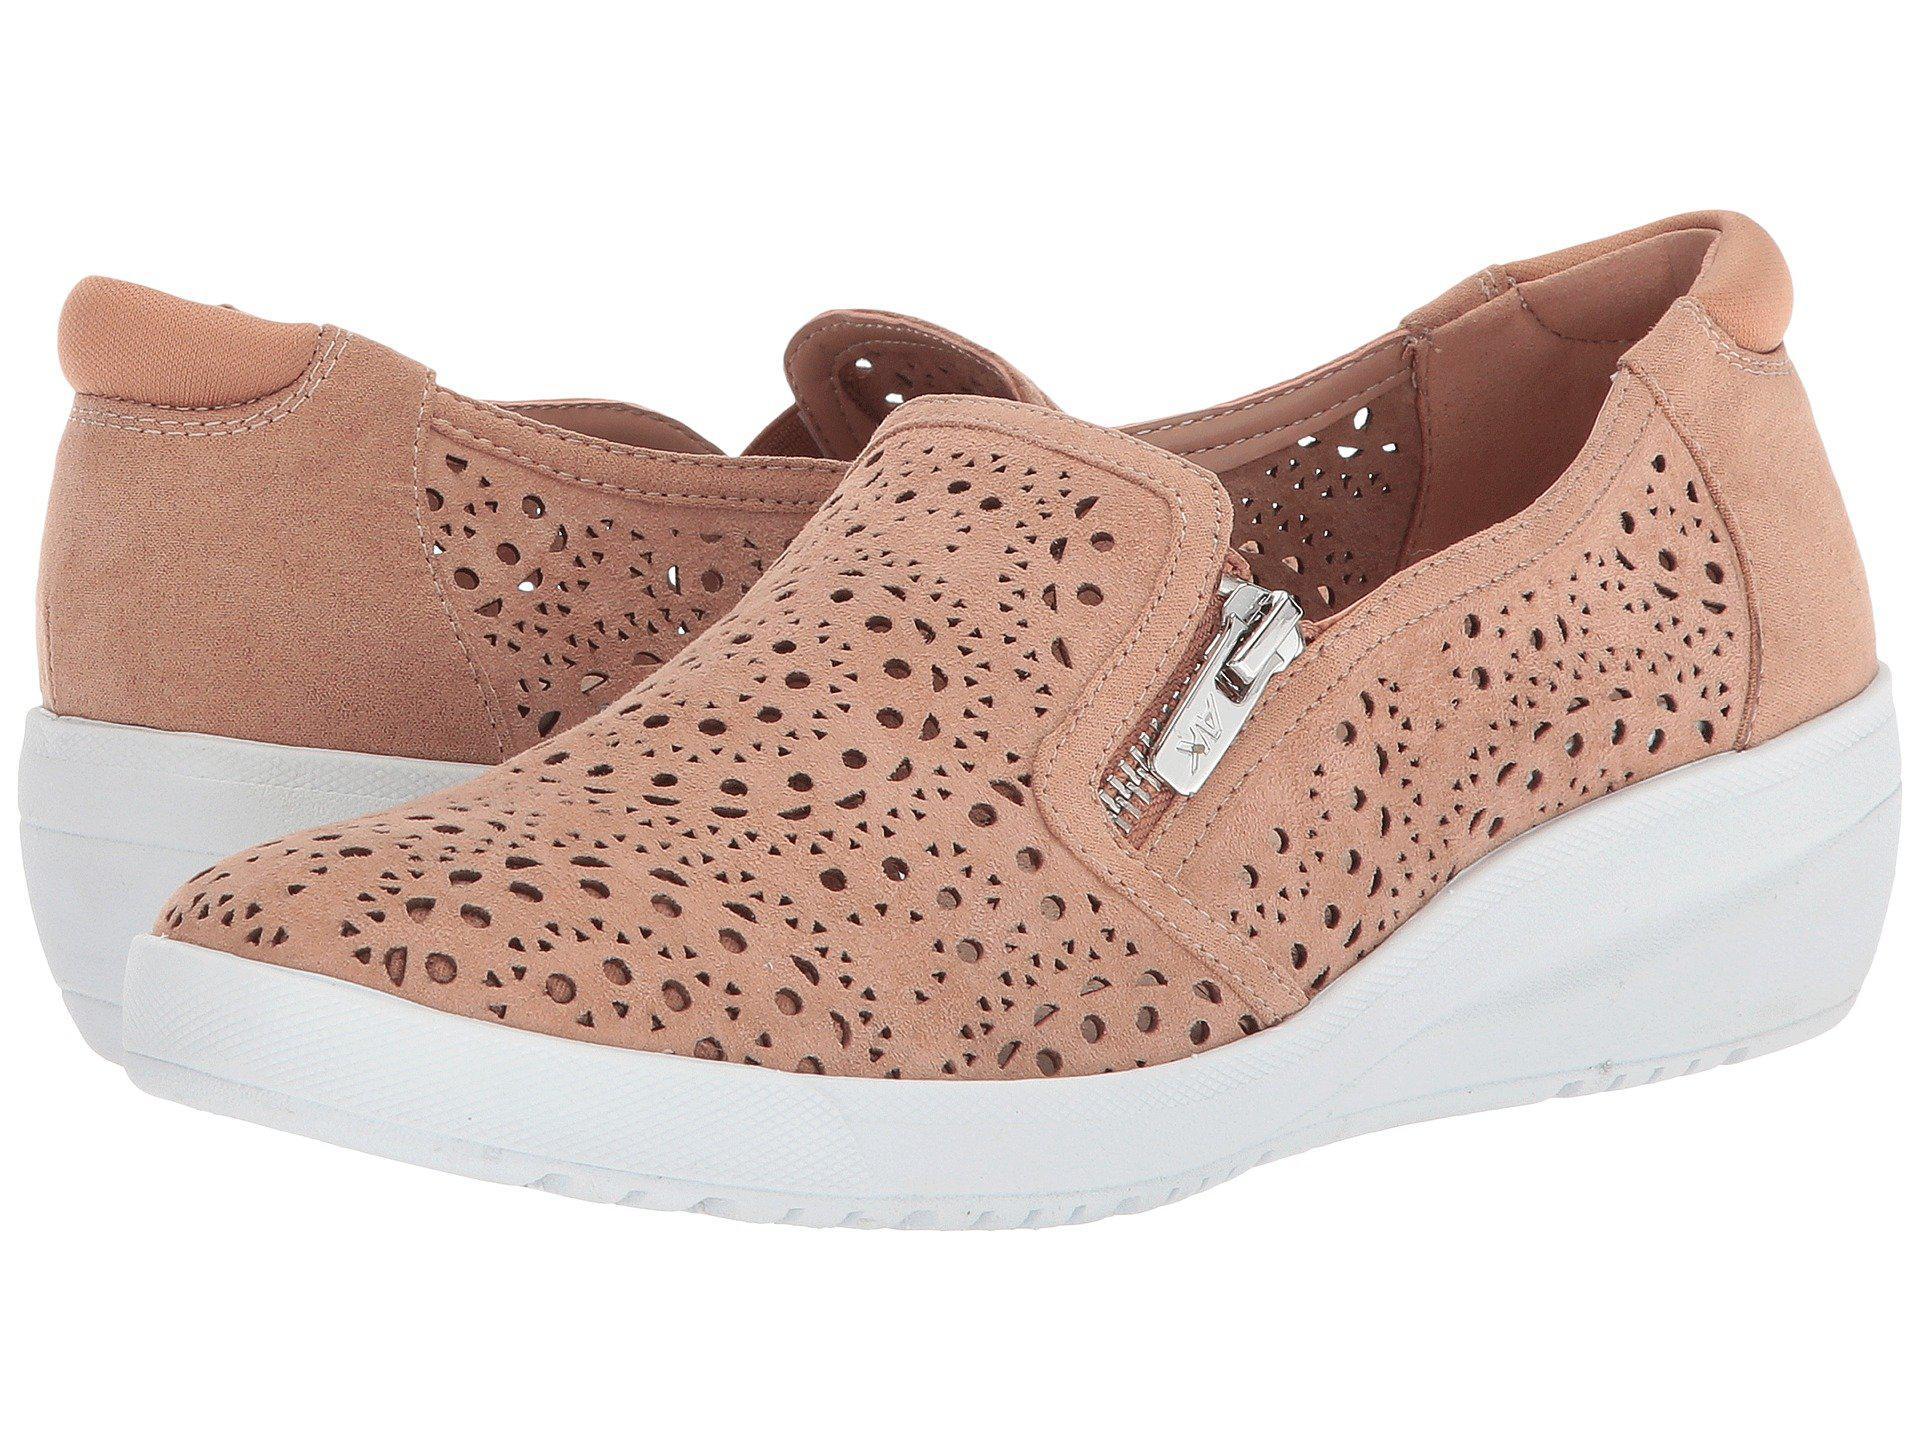 Anne Klein Sport Yvette Perforated Slip-On Sneakers cXTFEIJ